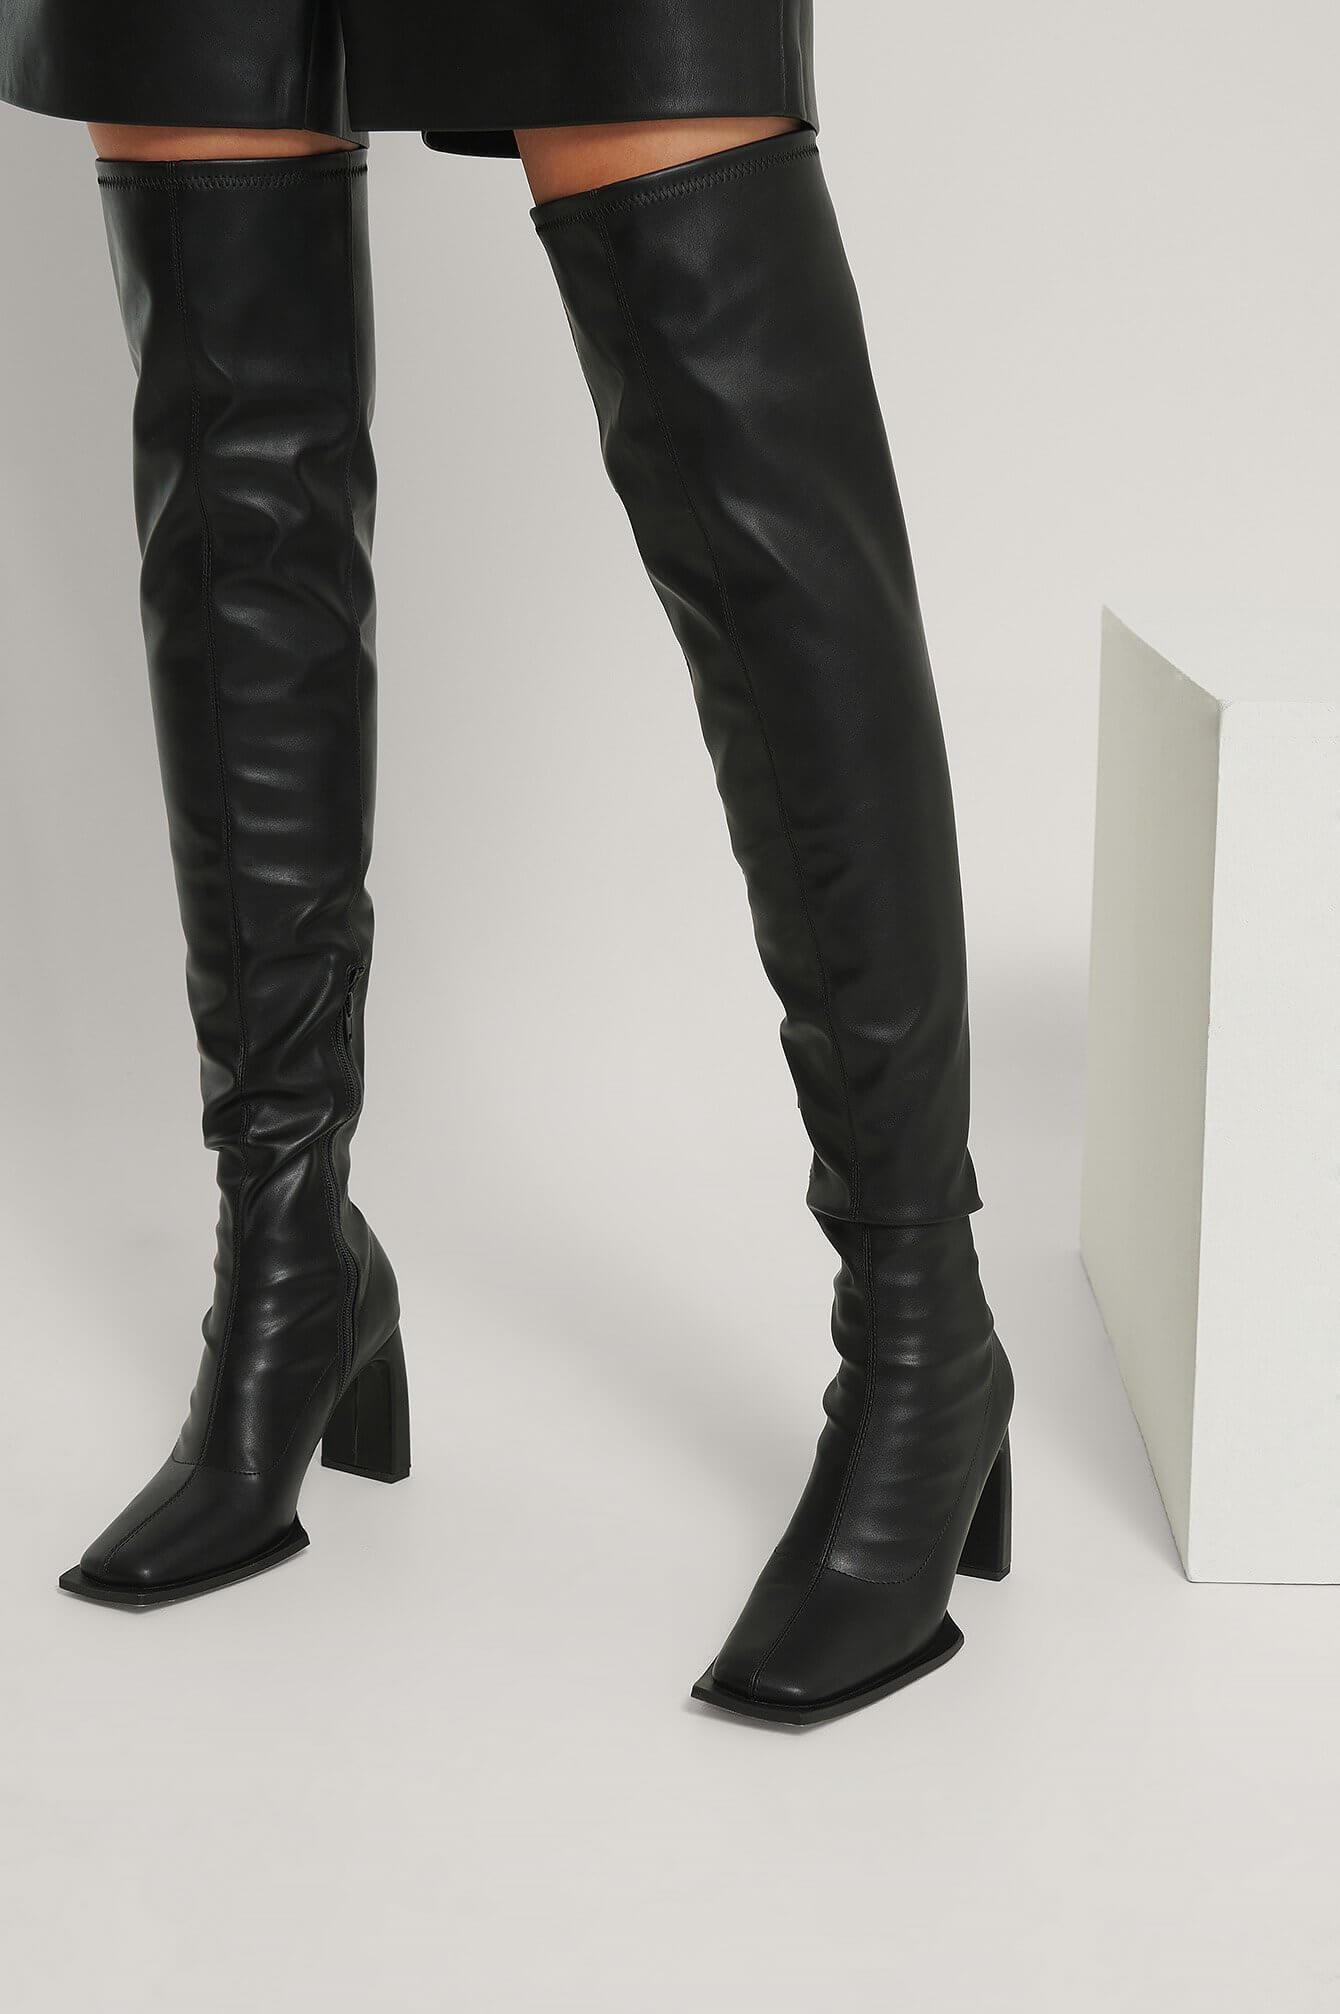 Ett par svarta stövletter i overknee-modell från NA-KD Shoes.